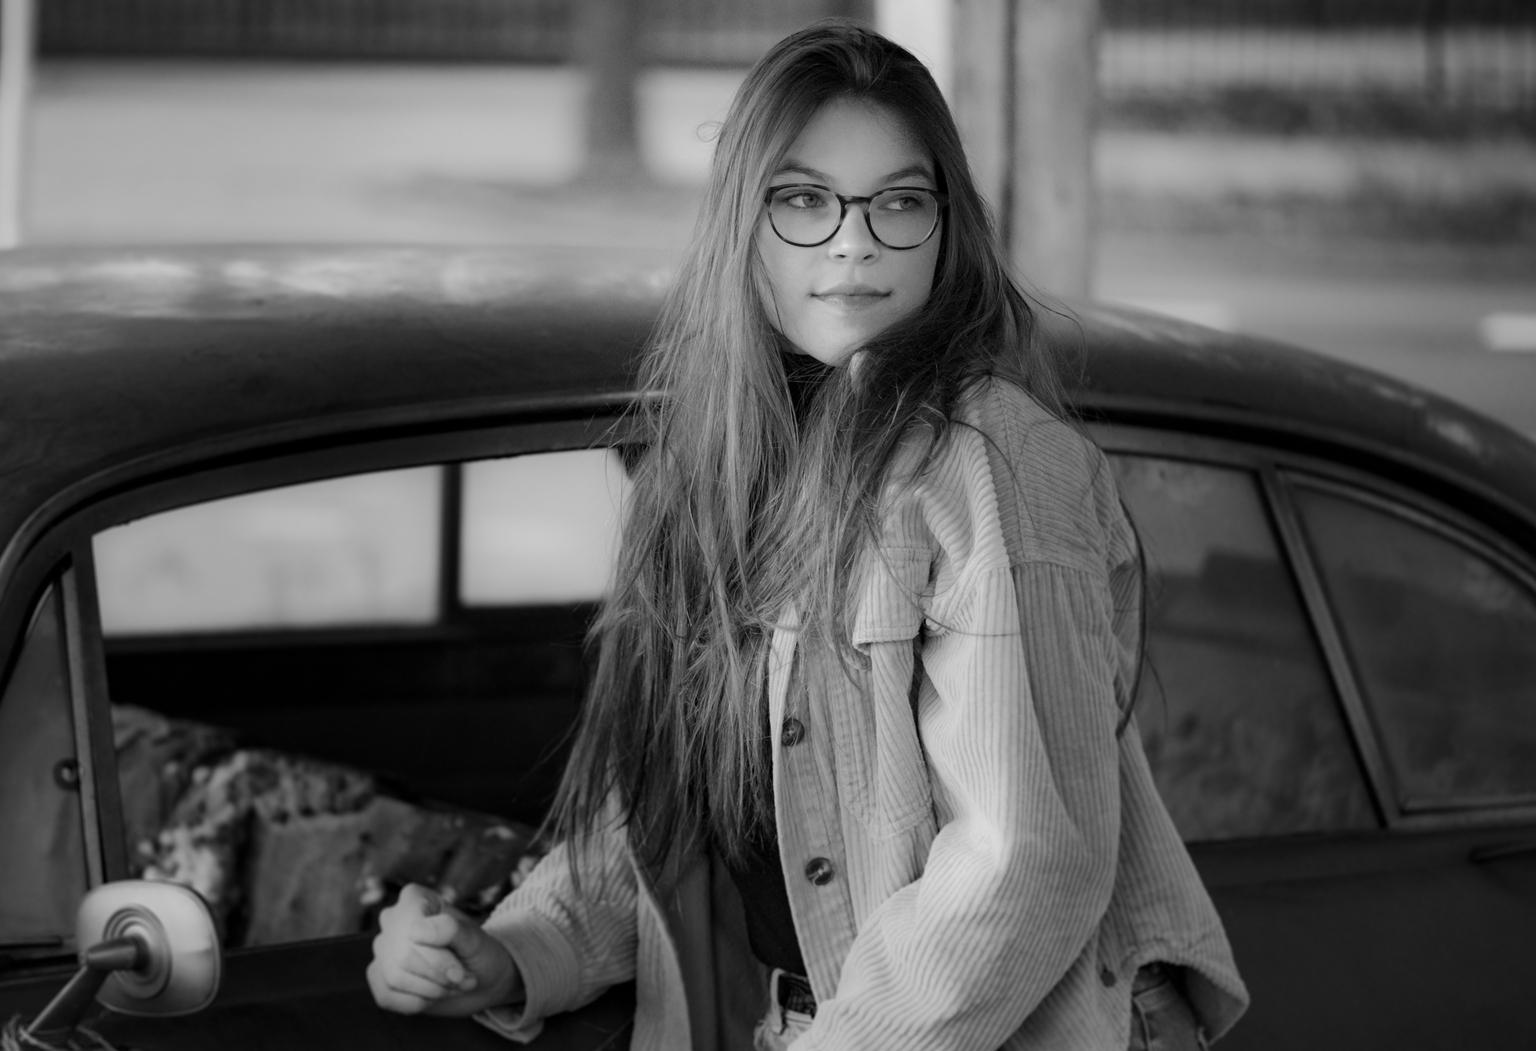 Mandy. - Model Mandy, bij een klasieke Jaguar mark X - foto door Kompieter op 11-04-2021 - locatie: Best, Nederland - deze foto bevat: bril, auto, kapsel, fotograaf, oogzorg, voertuig, wit, motorvoertuig, automotive verlichting, automotive ontwerp